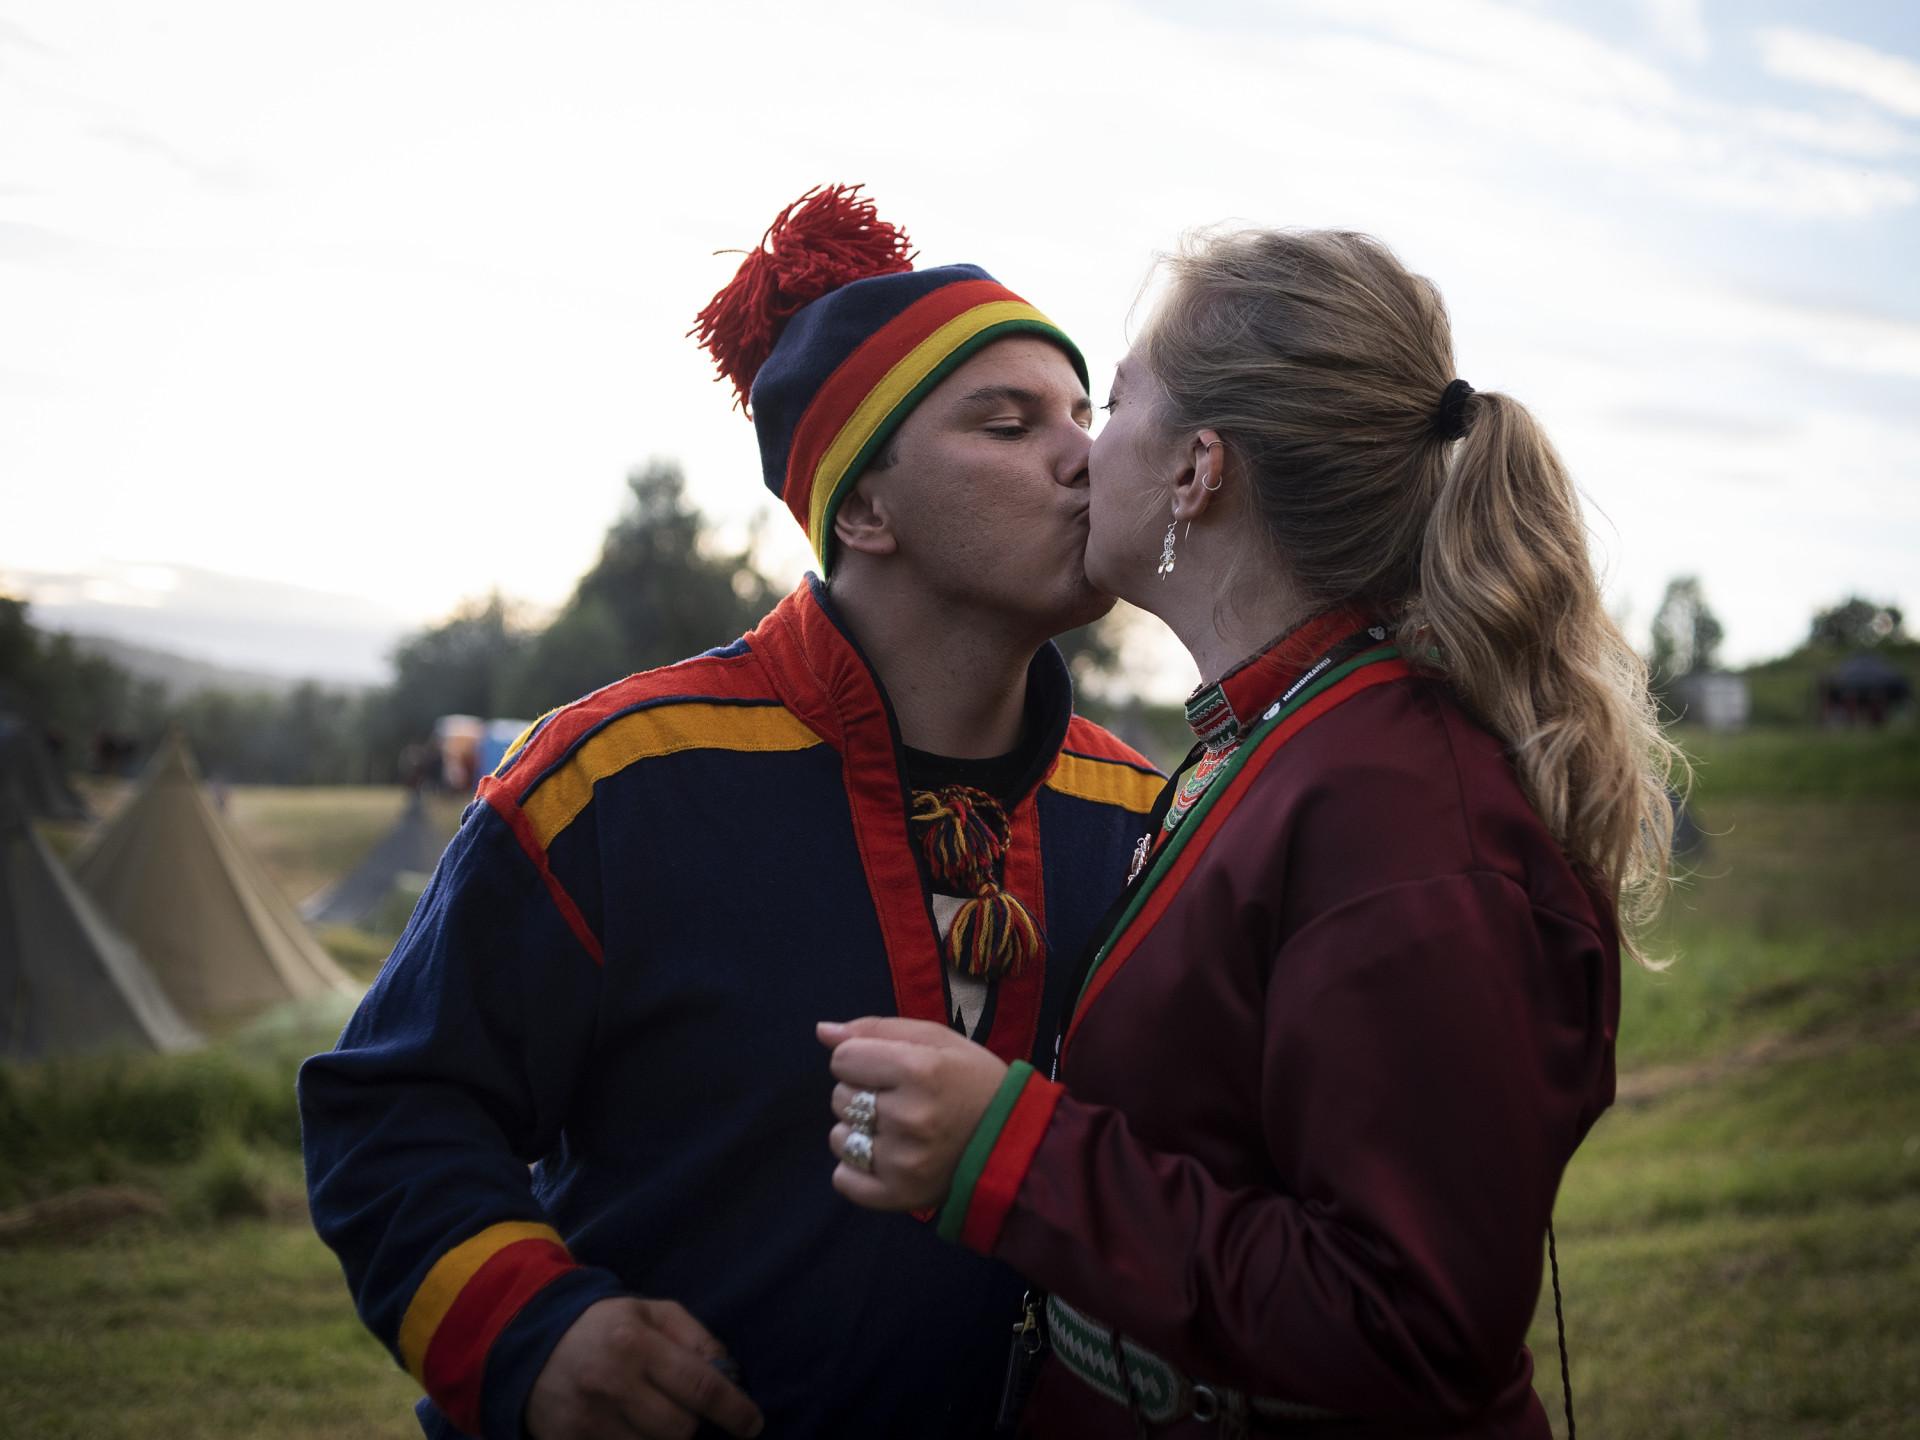 Kille och tjej som pussas på Markumeannu festival, Norge. I traditionella samiska kläder.